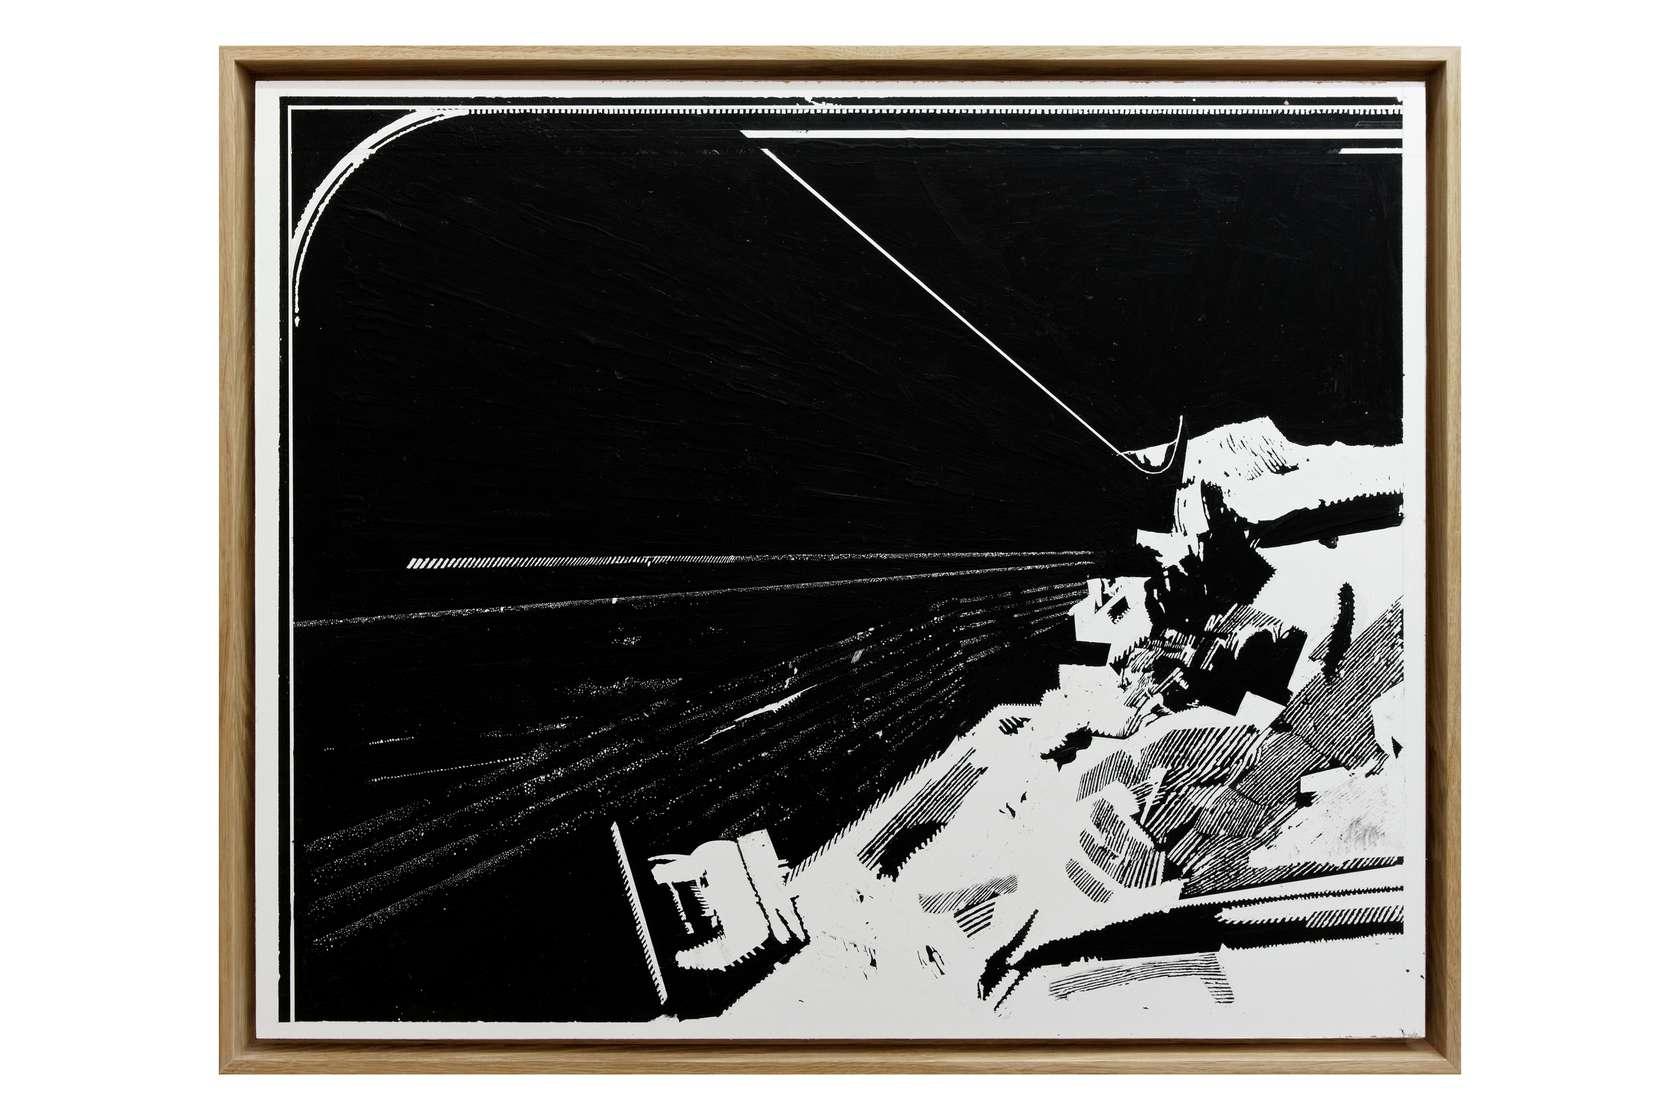 Julien Tiberi, El astro de la suela IV, 2011 Acrylique graté sur isorel laquée blanc61.5 x 75.5 cm / 24 2/8 x 29 6/8 inches